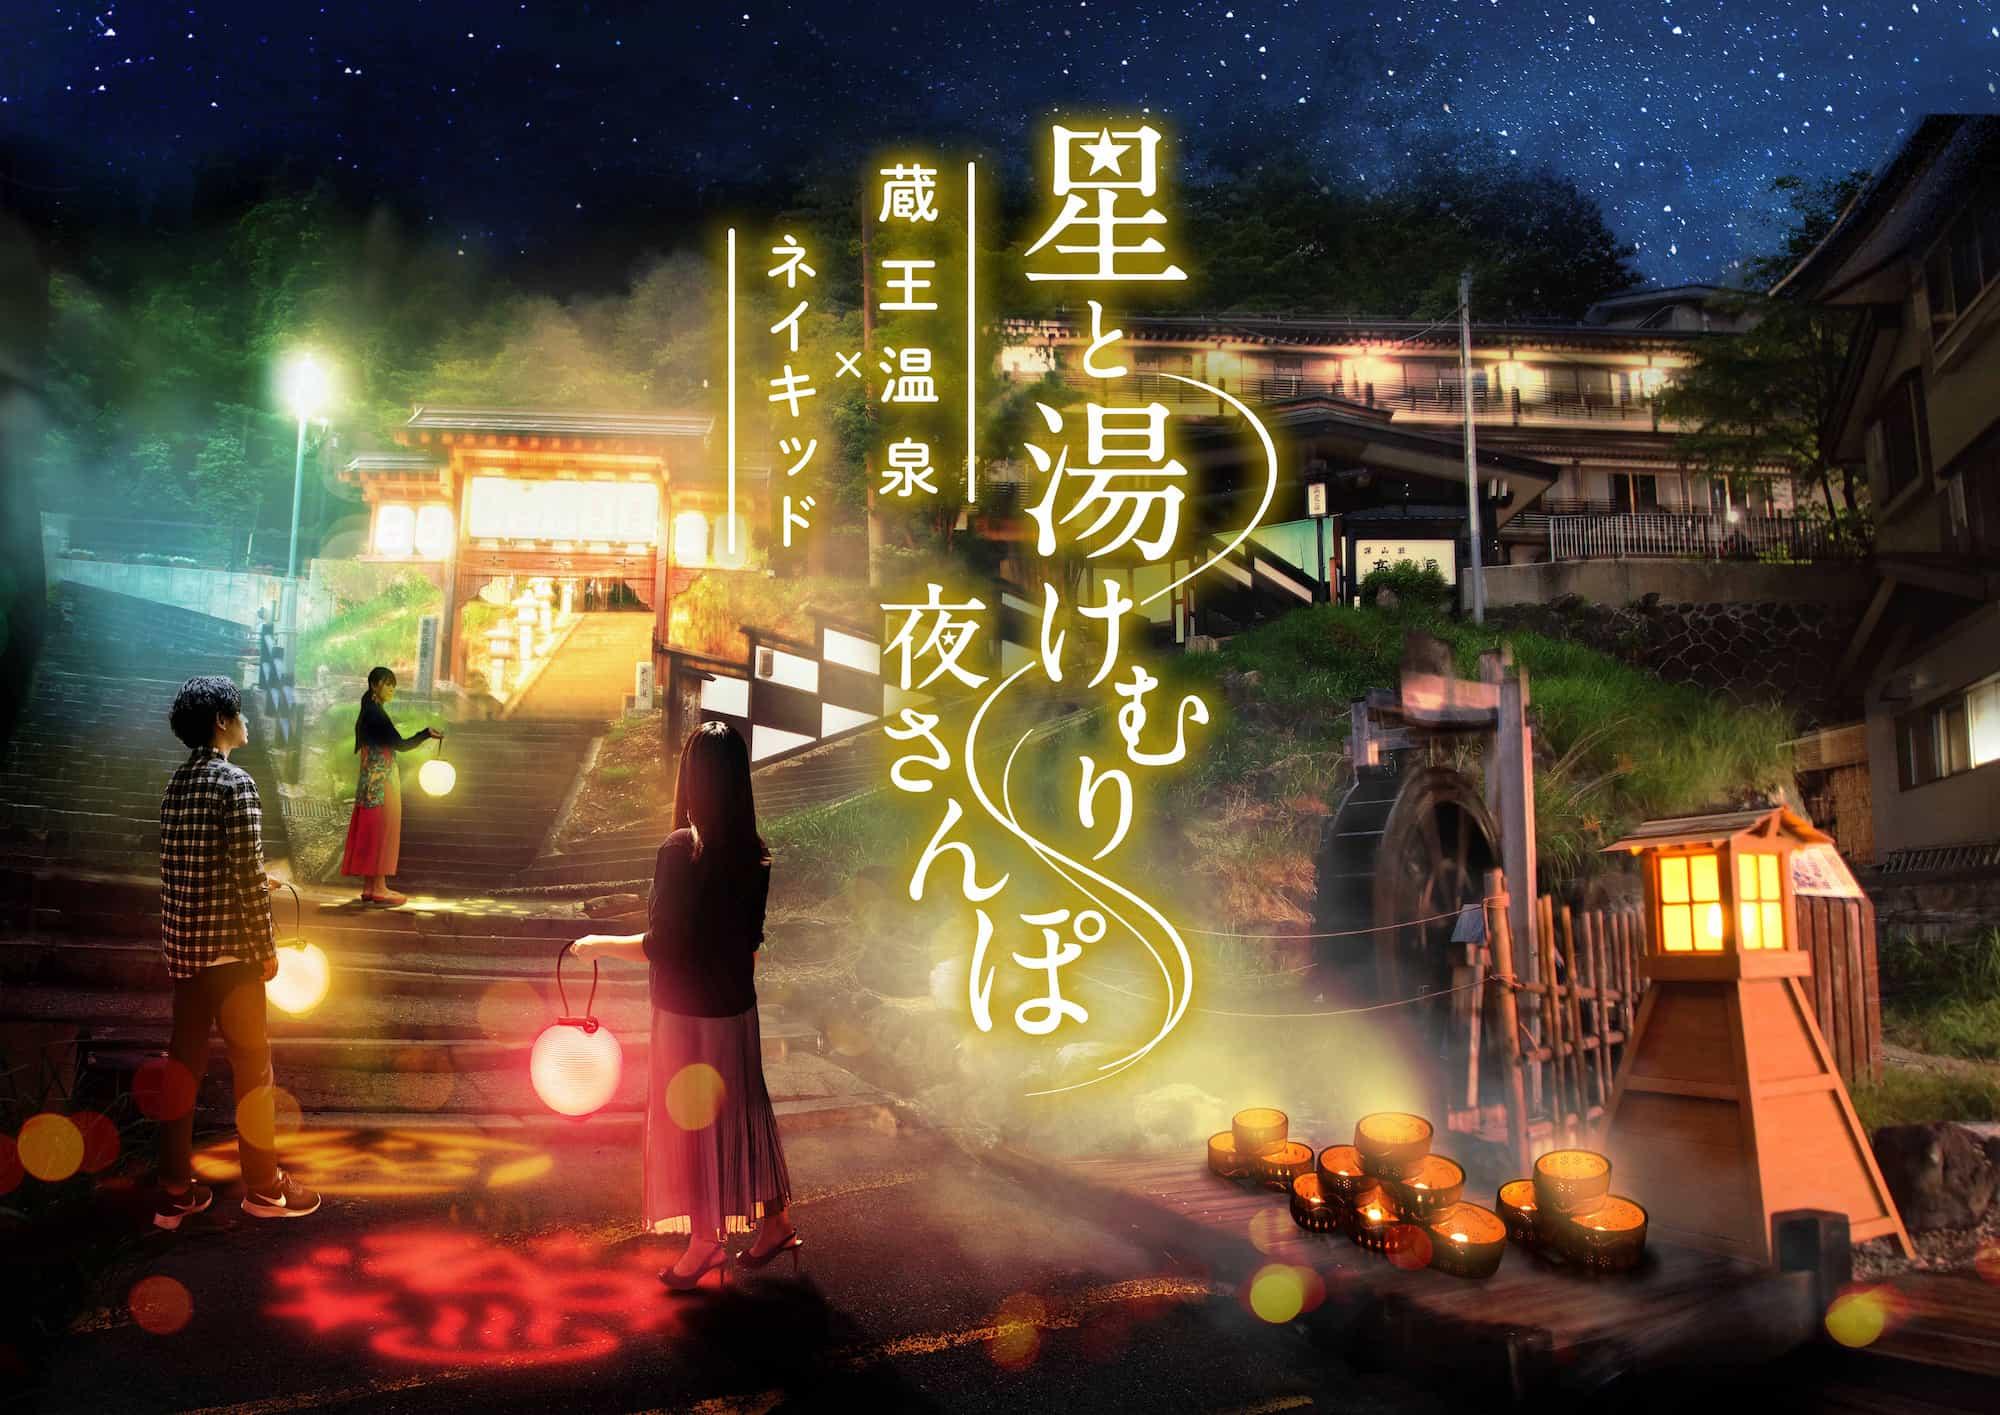 蔵王温泉xネイキッド 星と湯けむり夜さんぽ